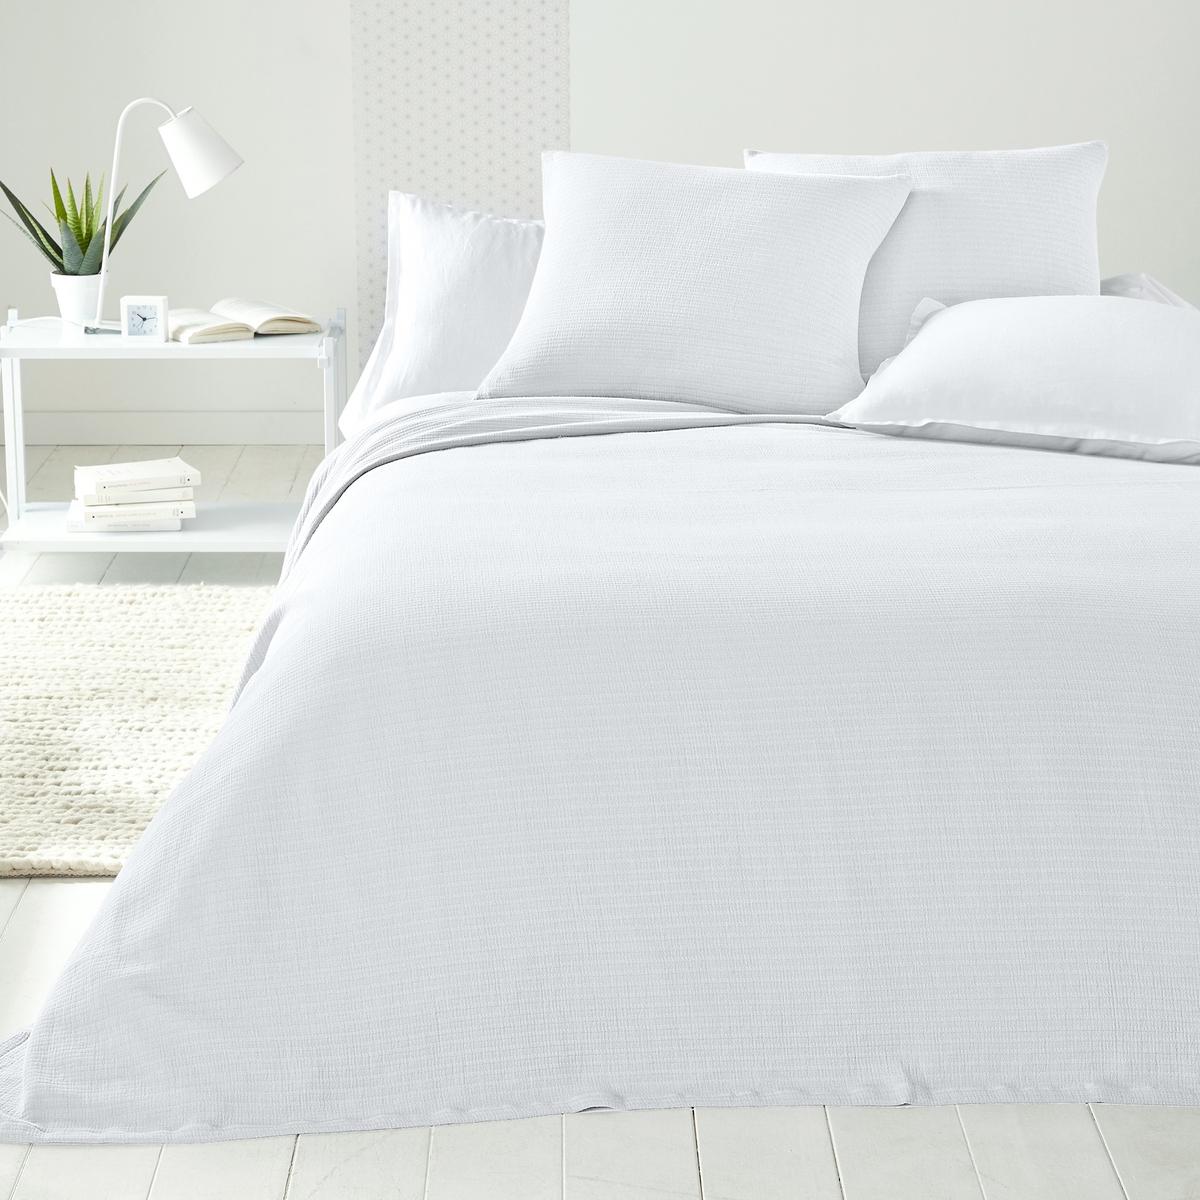 Покрывало для кровати IhlowПокрывало для кровати Ihlow с модным гофрированным эффектом .Характеристики покрывала для кровати Ihlow  :- 100% хлопок.Подшитые края.<br><br>Цвет: белый,желтый горчичный,зеленый,серо-бежевый,серый,синий морской<br>Размер: 150 x 150  см.150 x 150  см.230 x 250  см.180 x 230  см.180 x 230  см